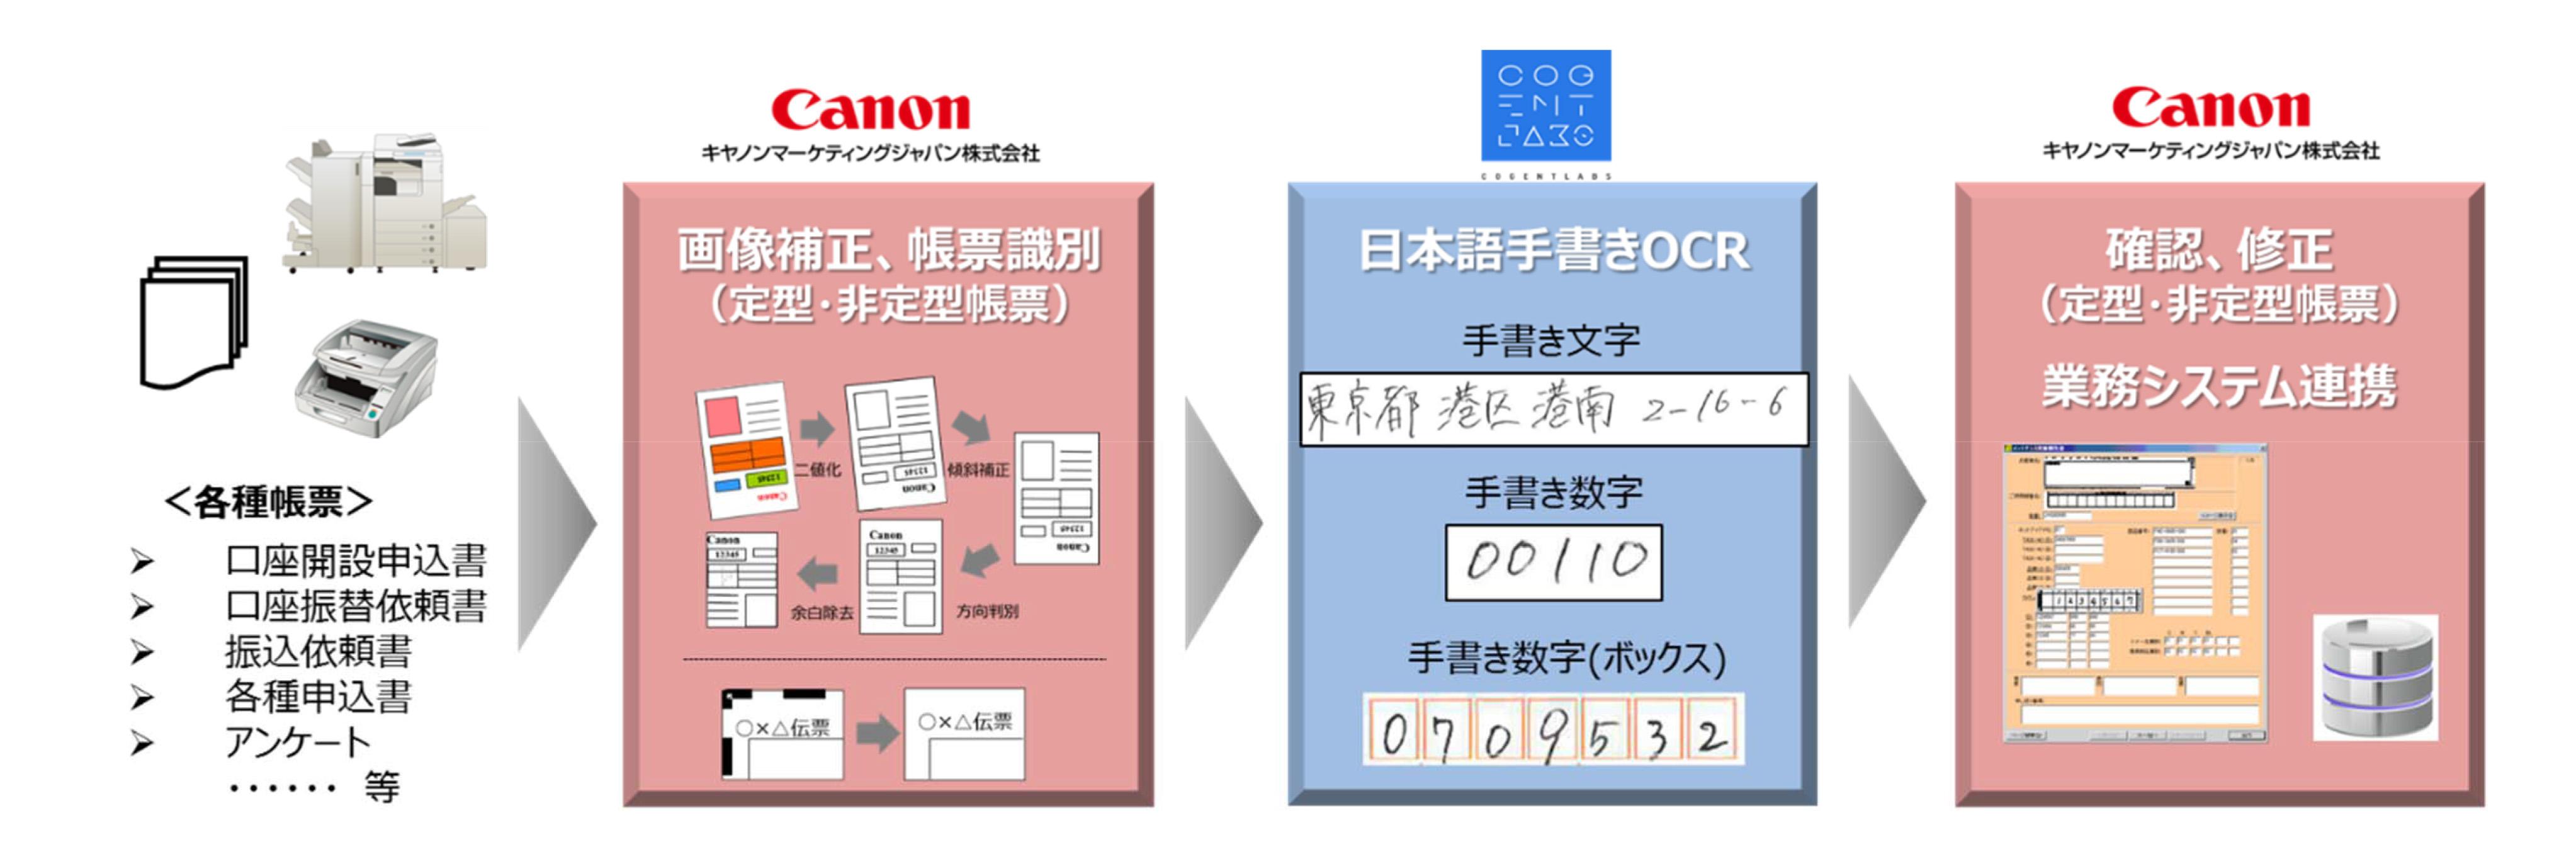 「手書き AI OCRソリューション」の概要